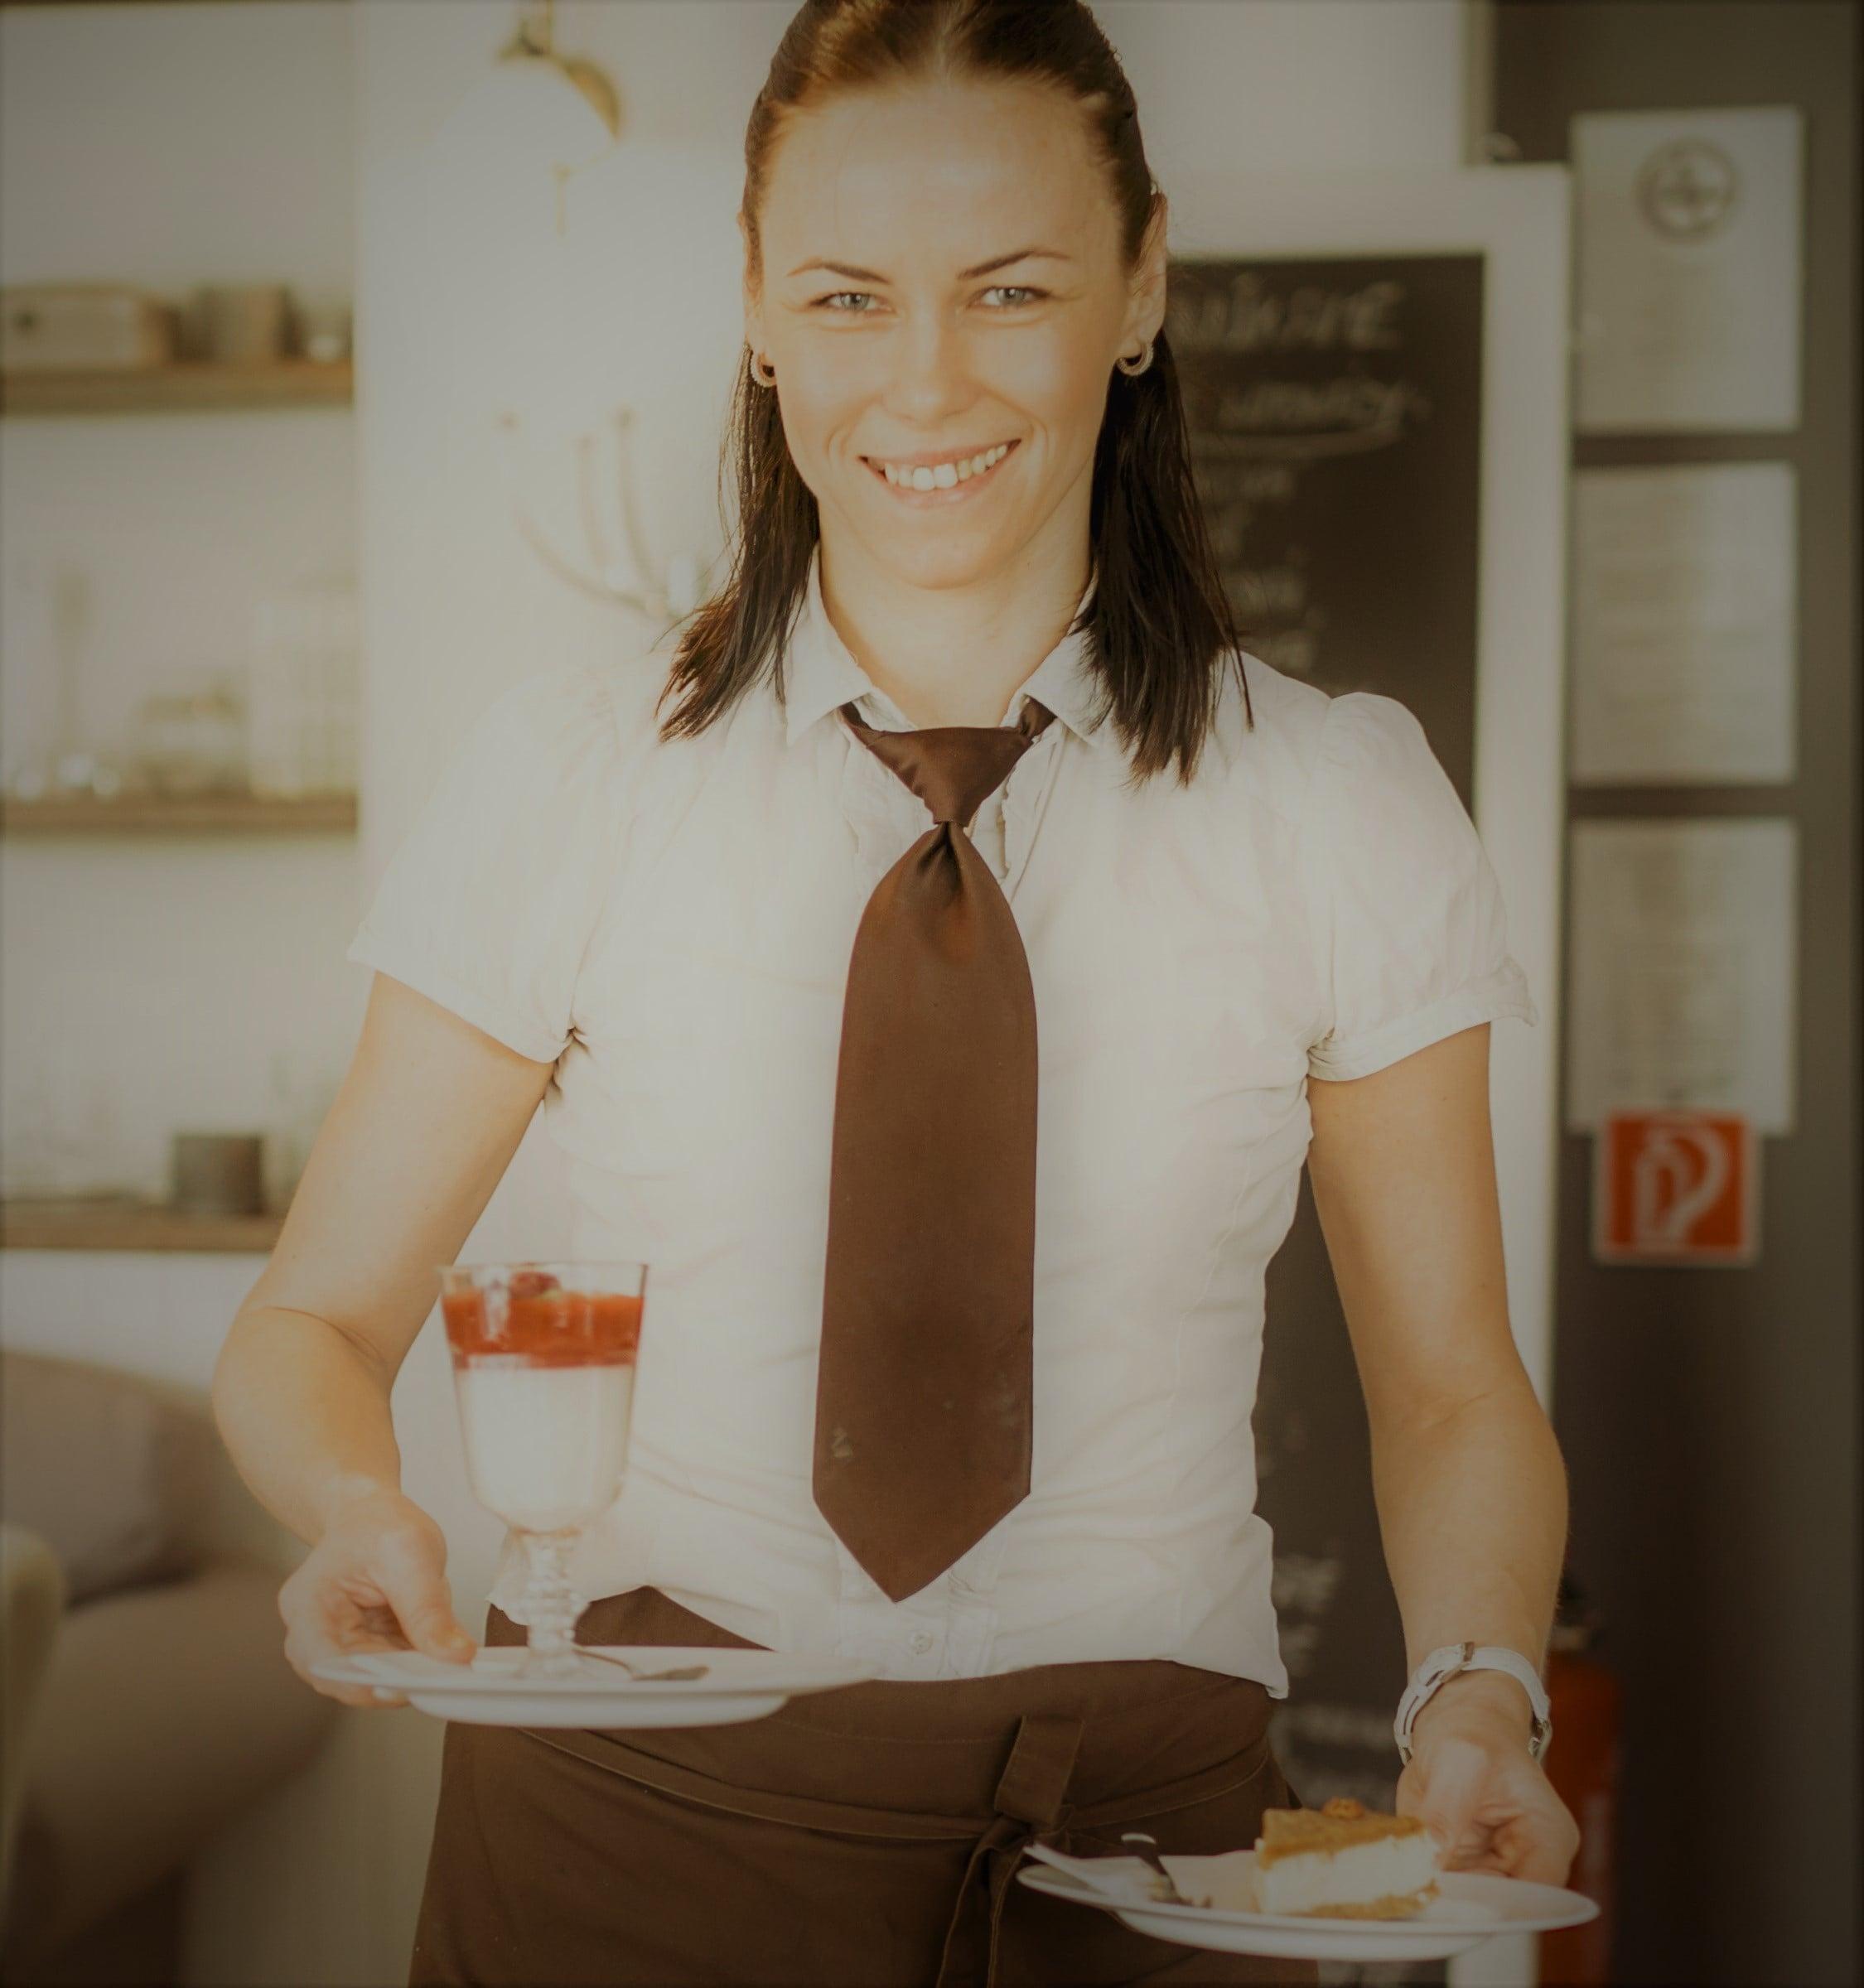 waitress-holding-cake-min.jpg